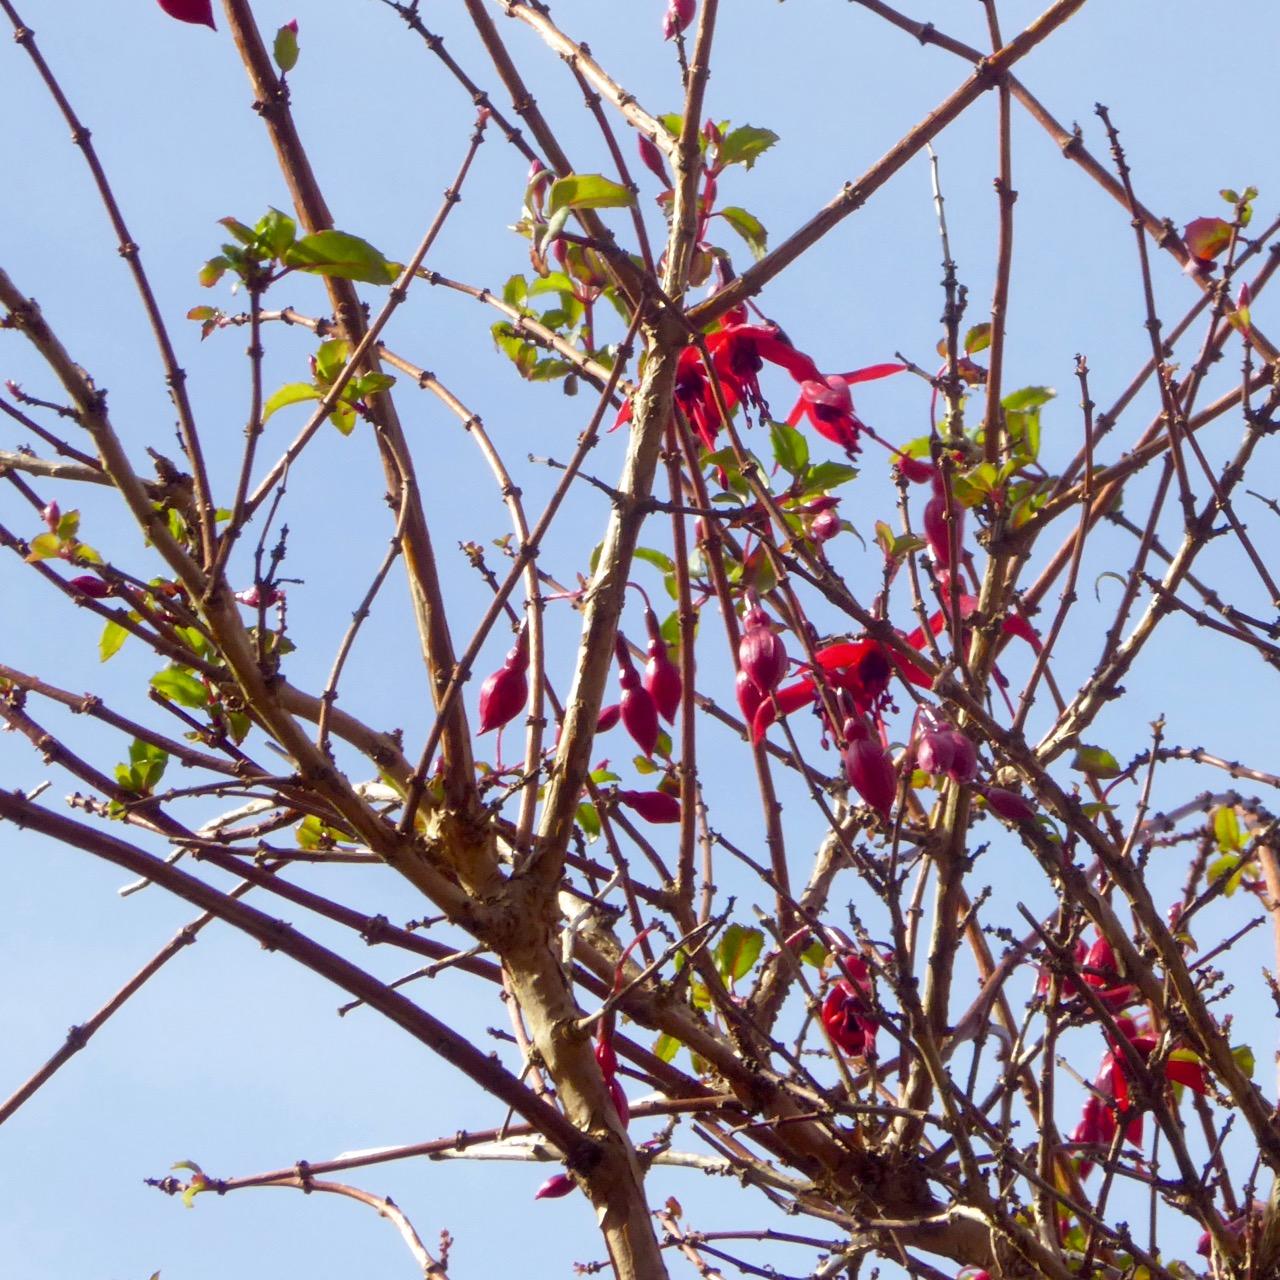 Fuchsia on bare branches